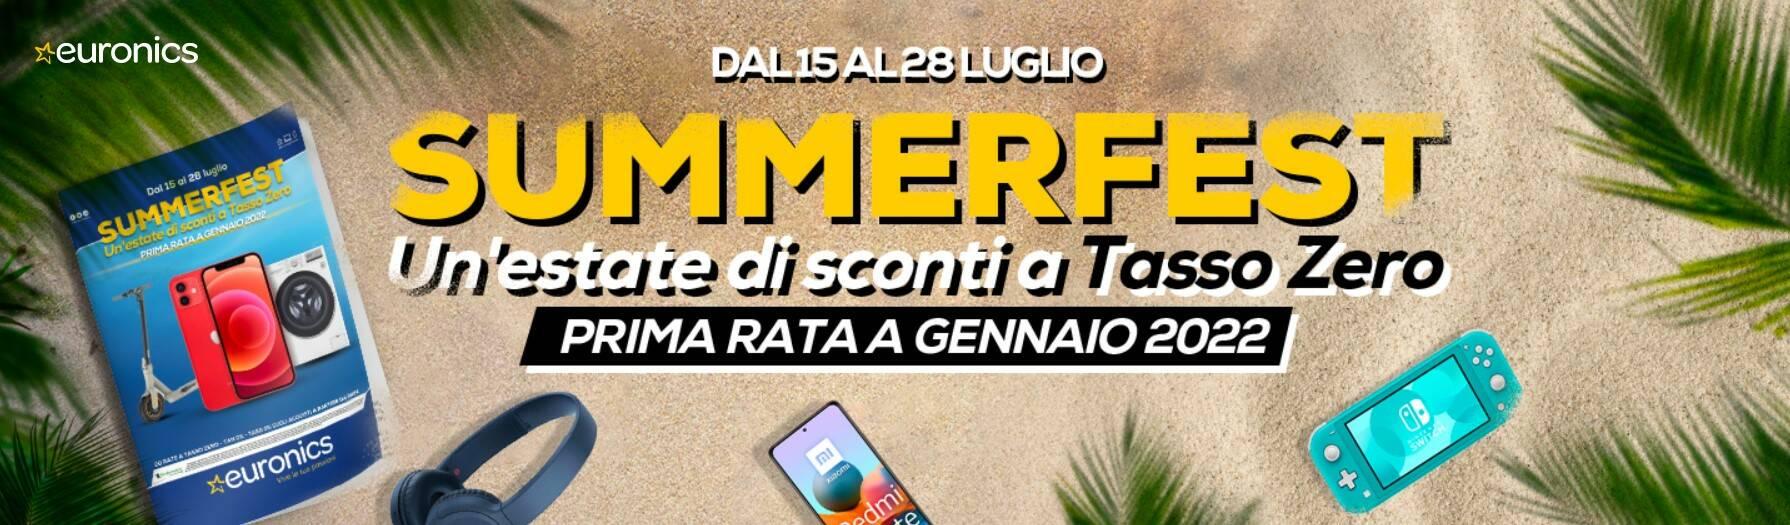 summerfest_euronics